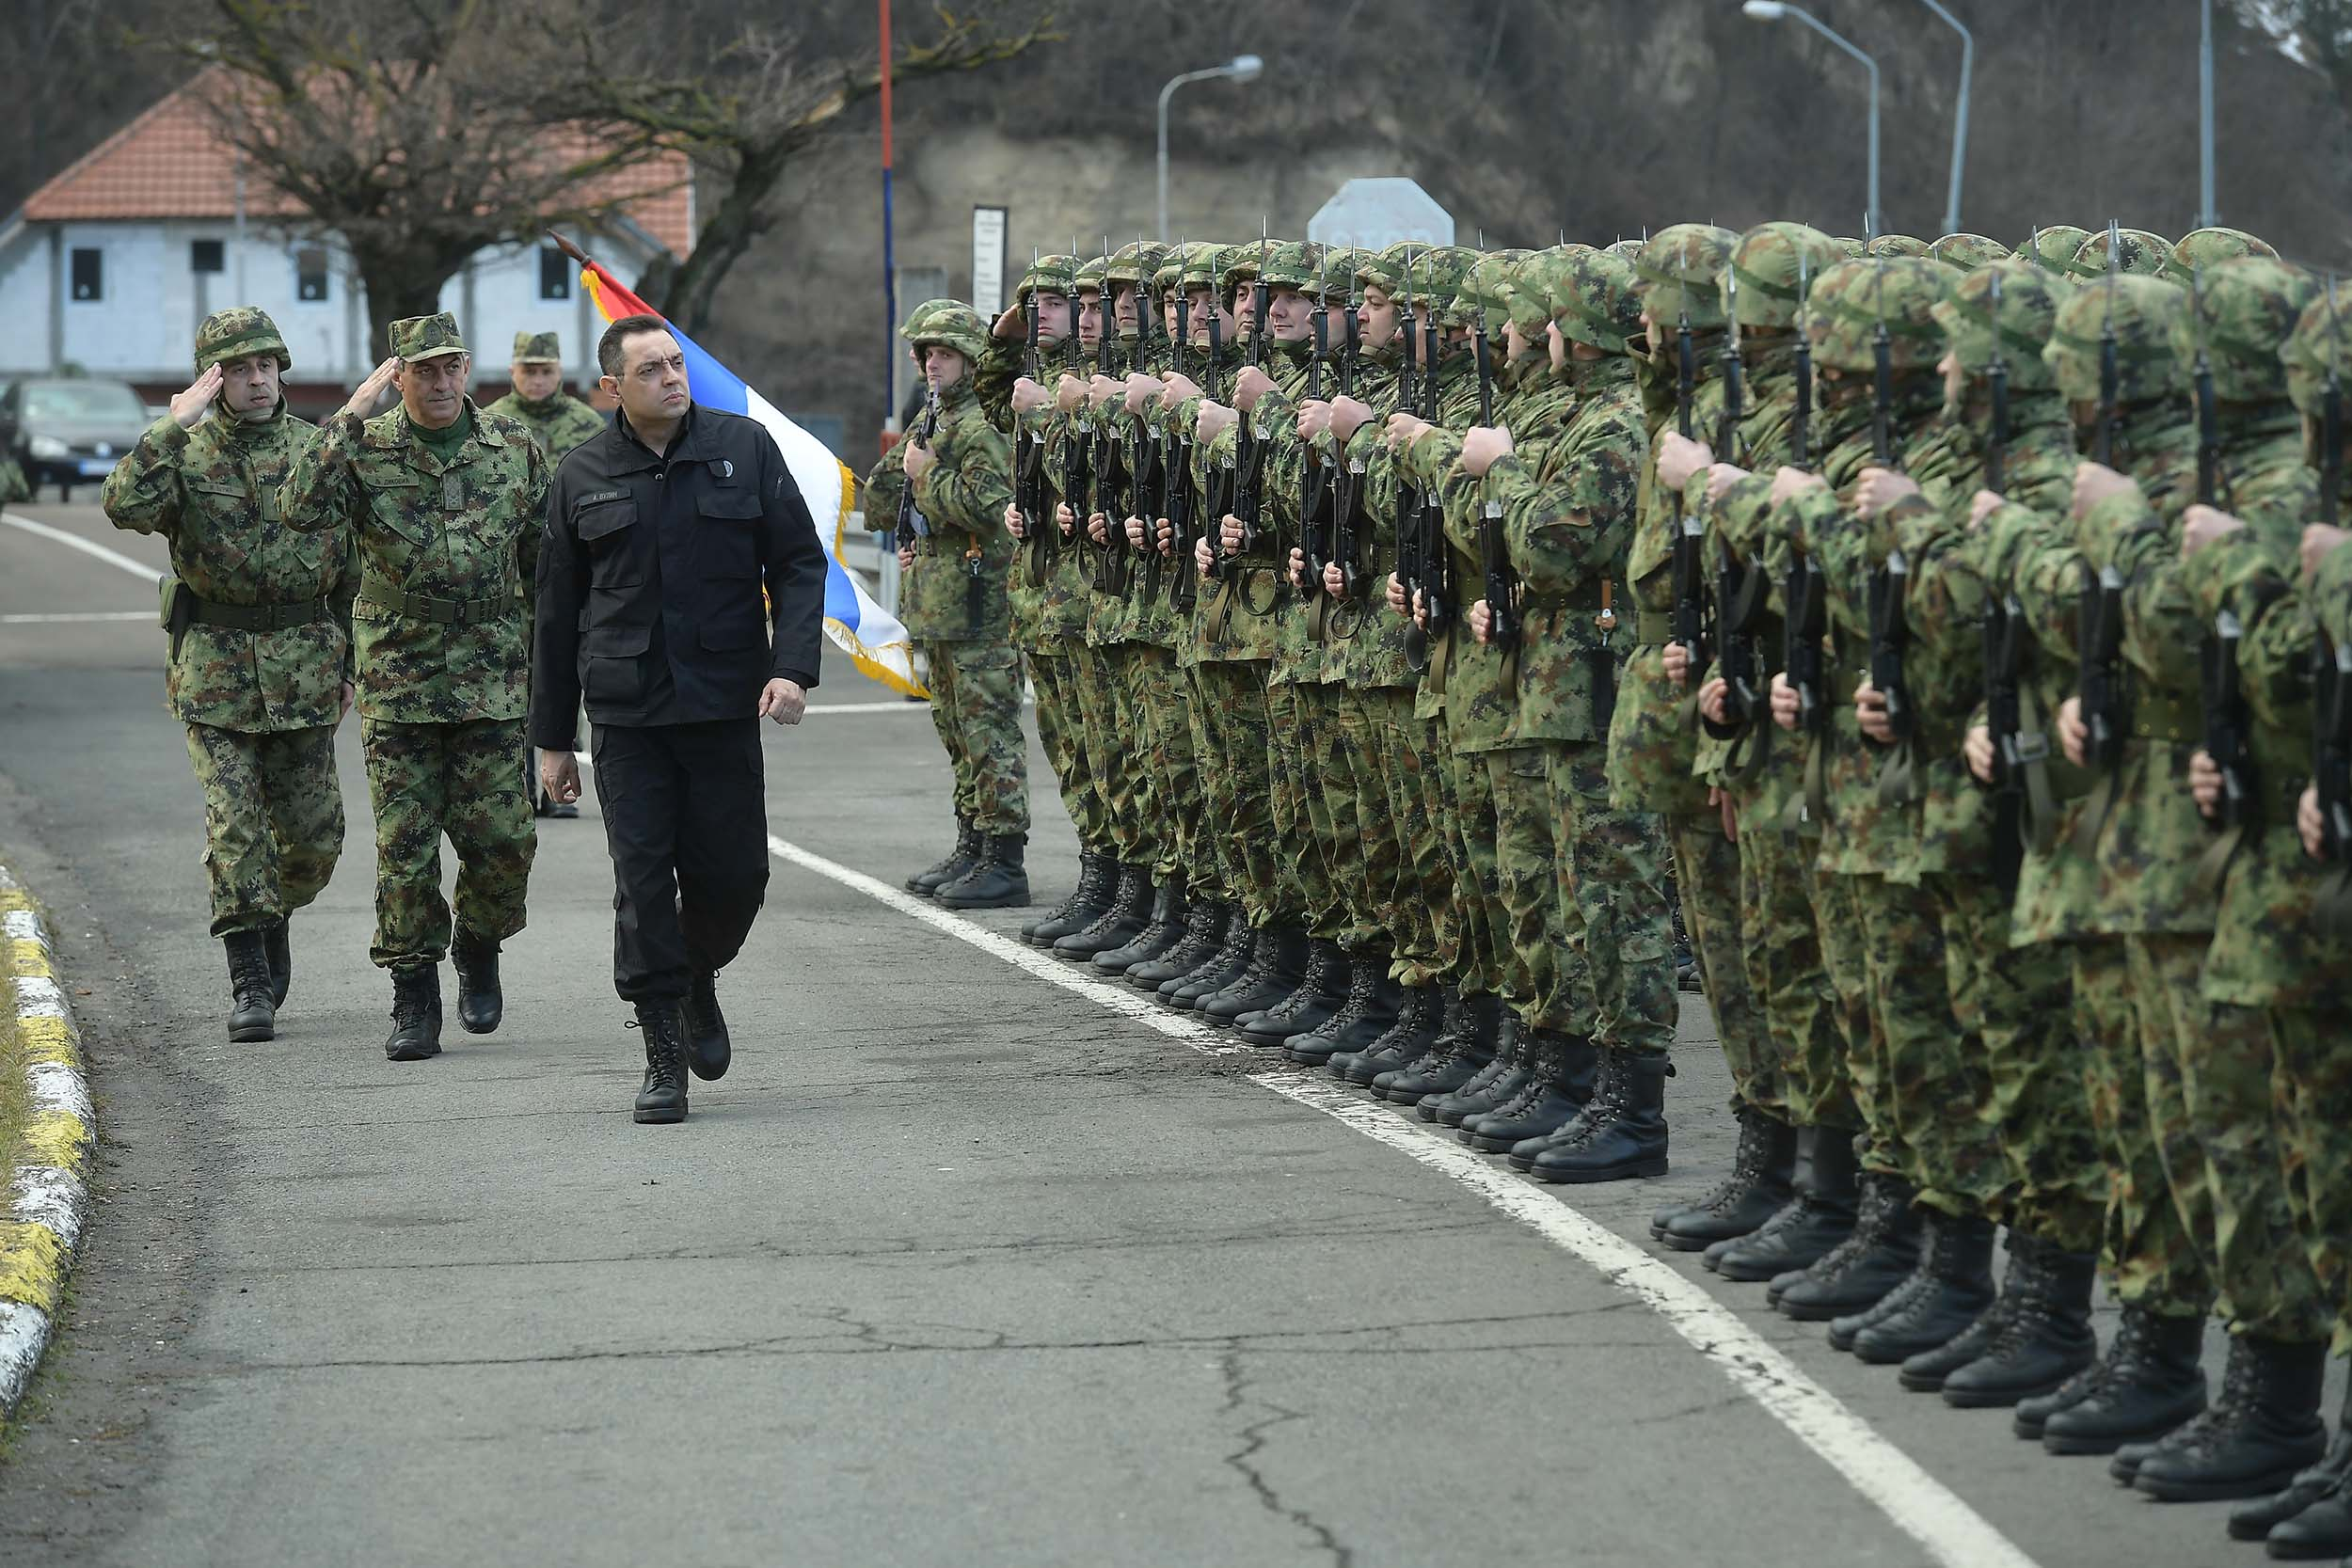 Војска Србије спремна да изврши свако наређење врховног команданта